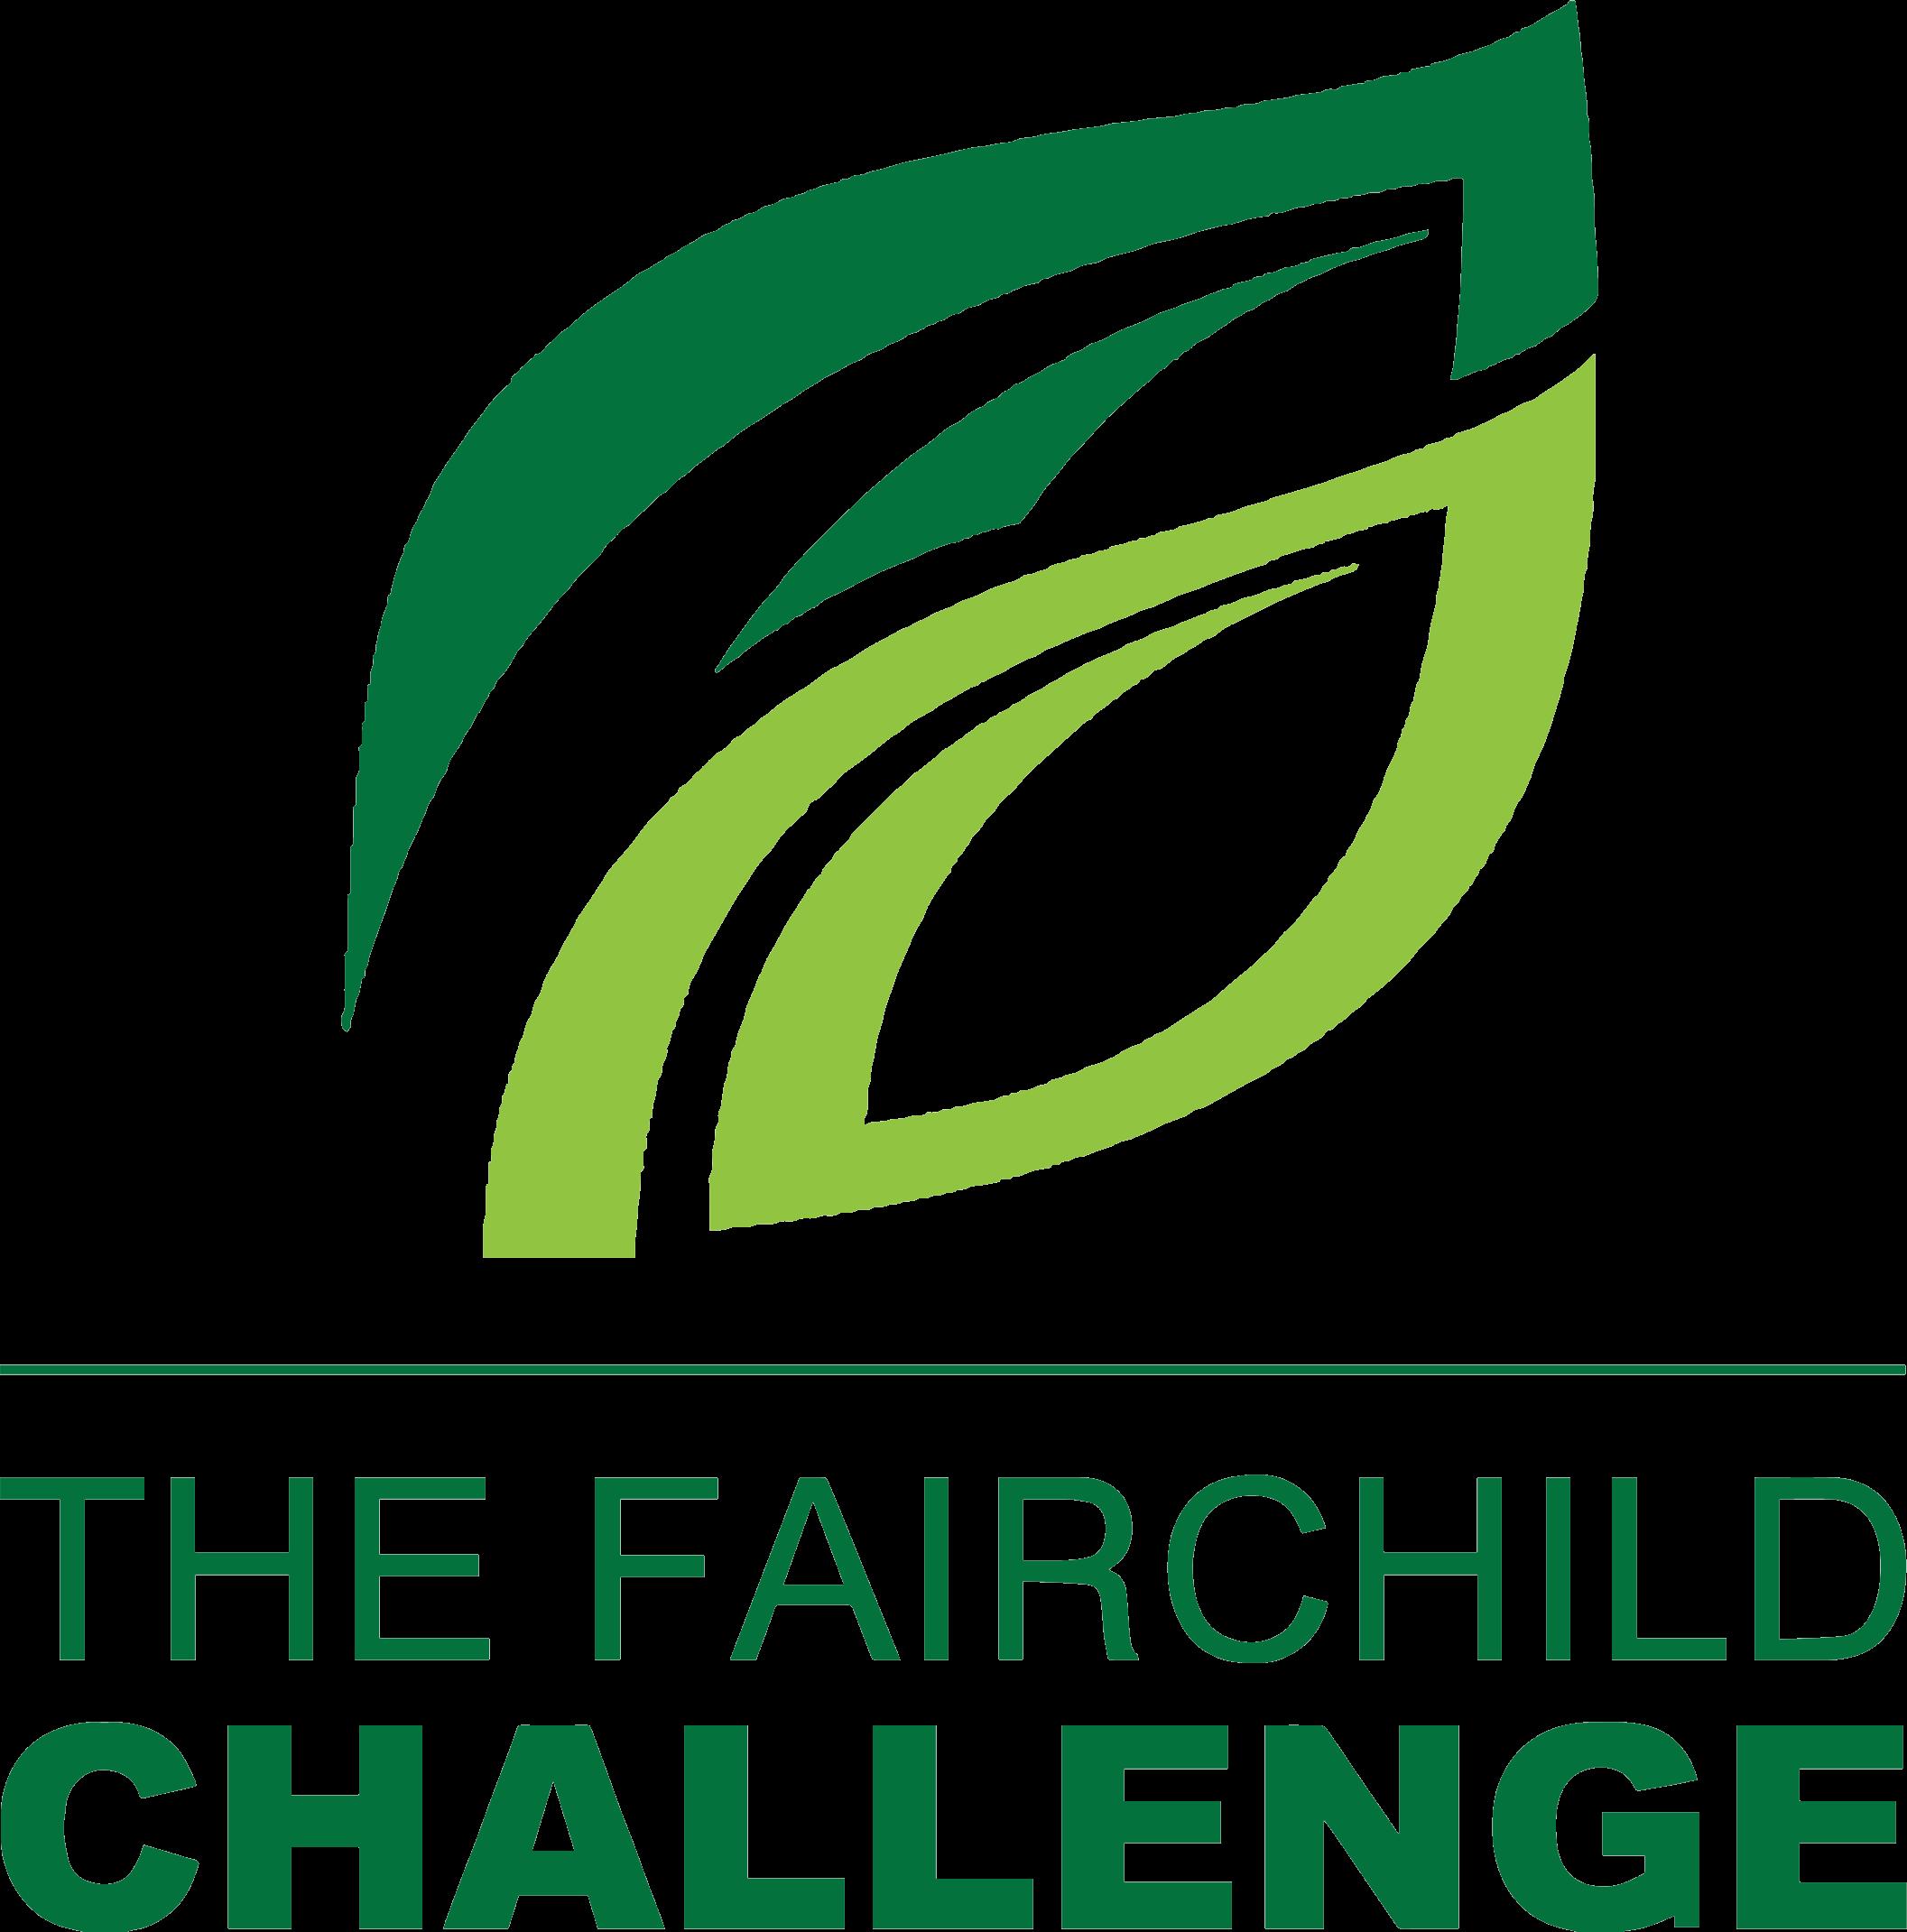 fair child challenge logo